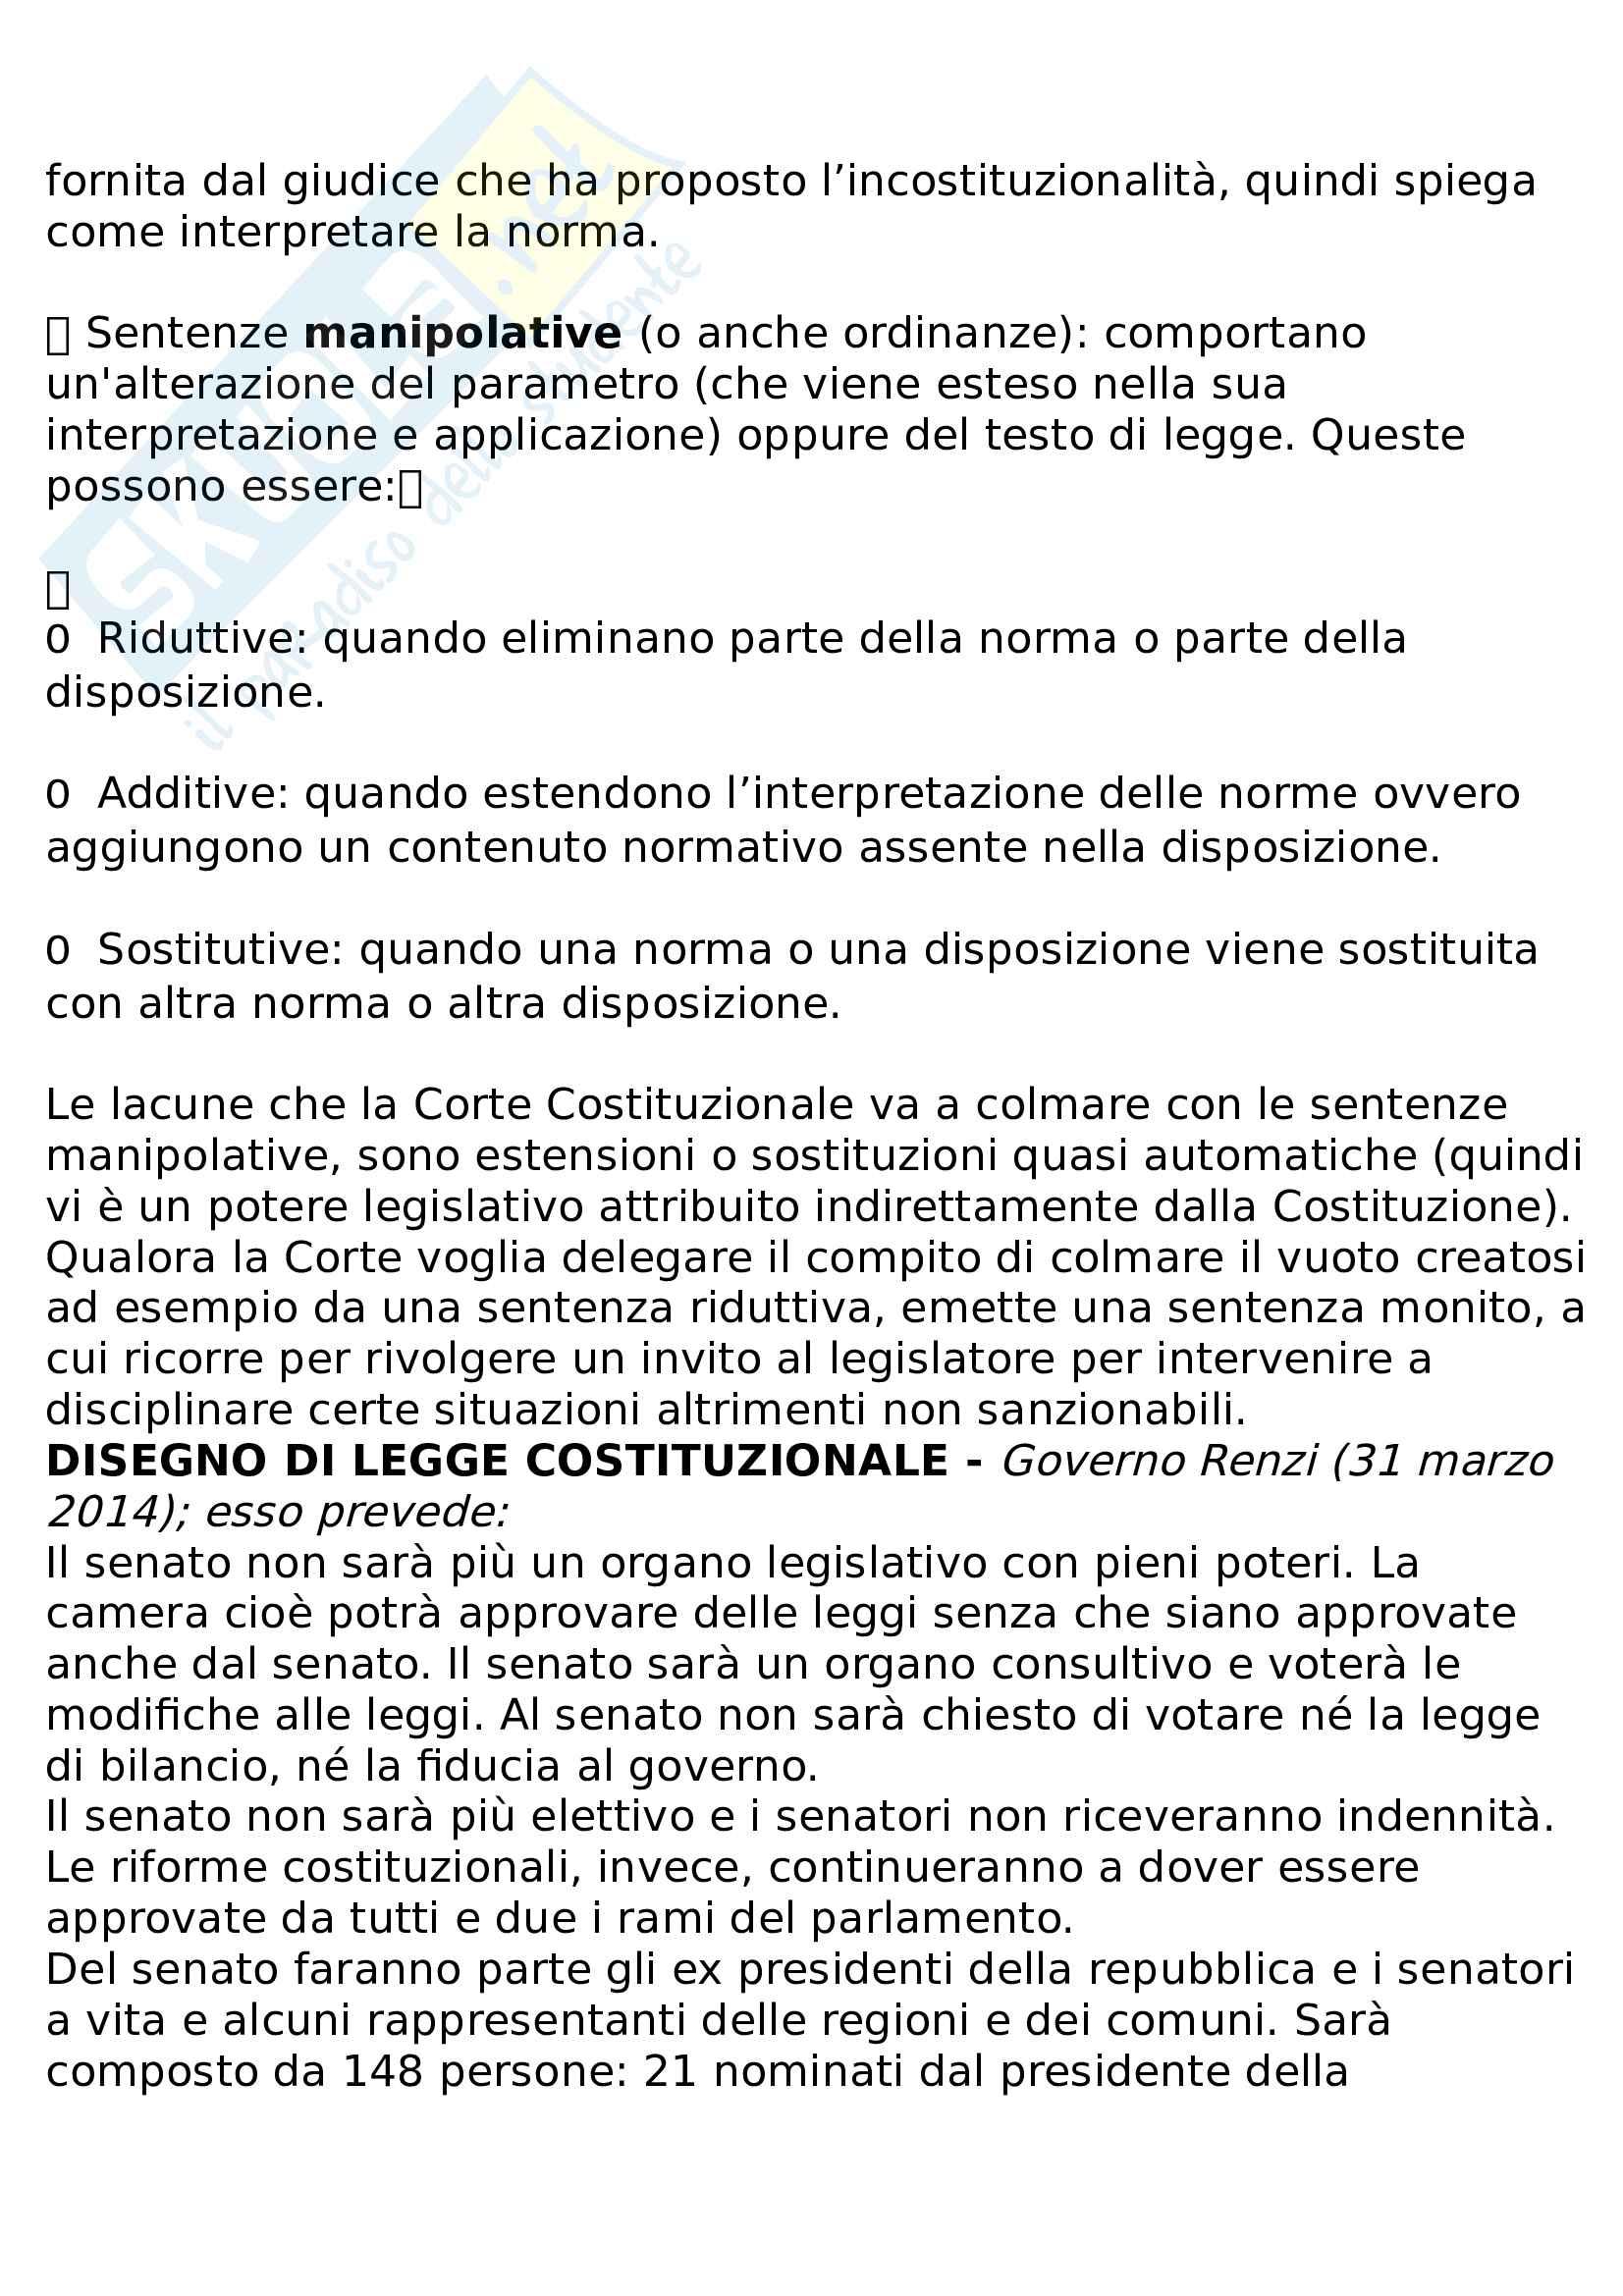 Riassunto diritto pubblico e amministrativo Pag. 36